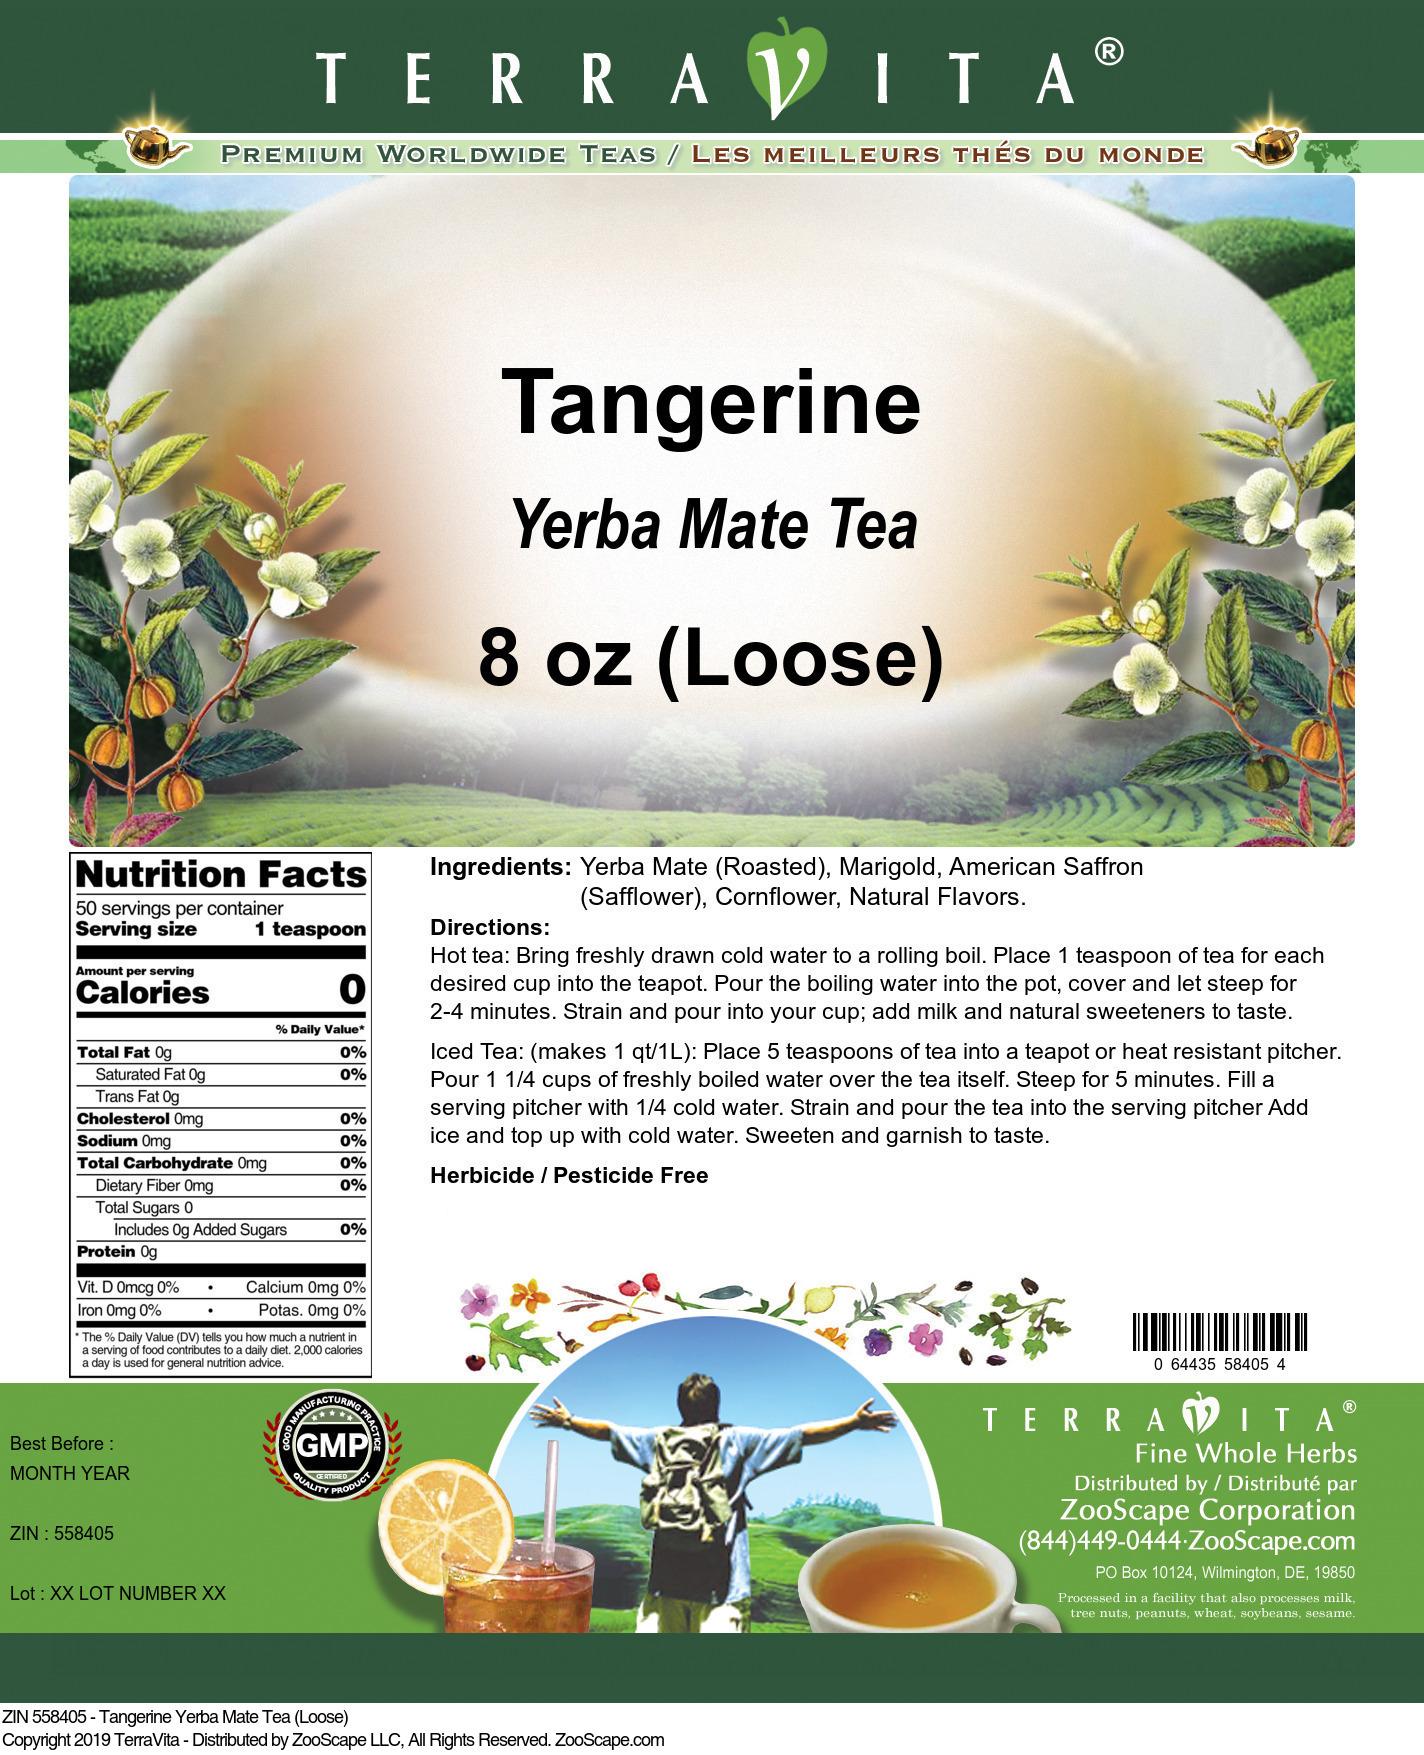 Tangerine Yerba Mate Tea (Loose)